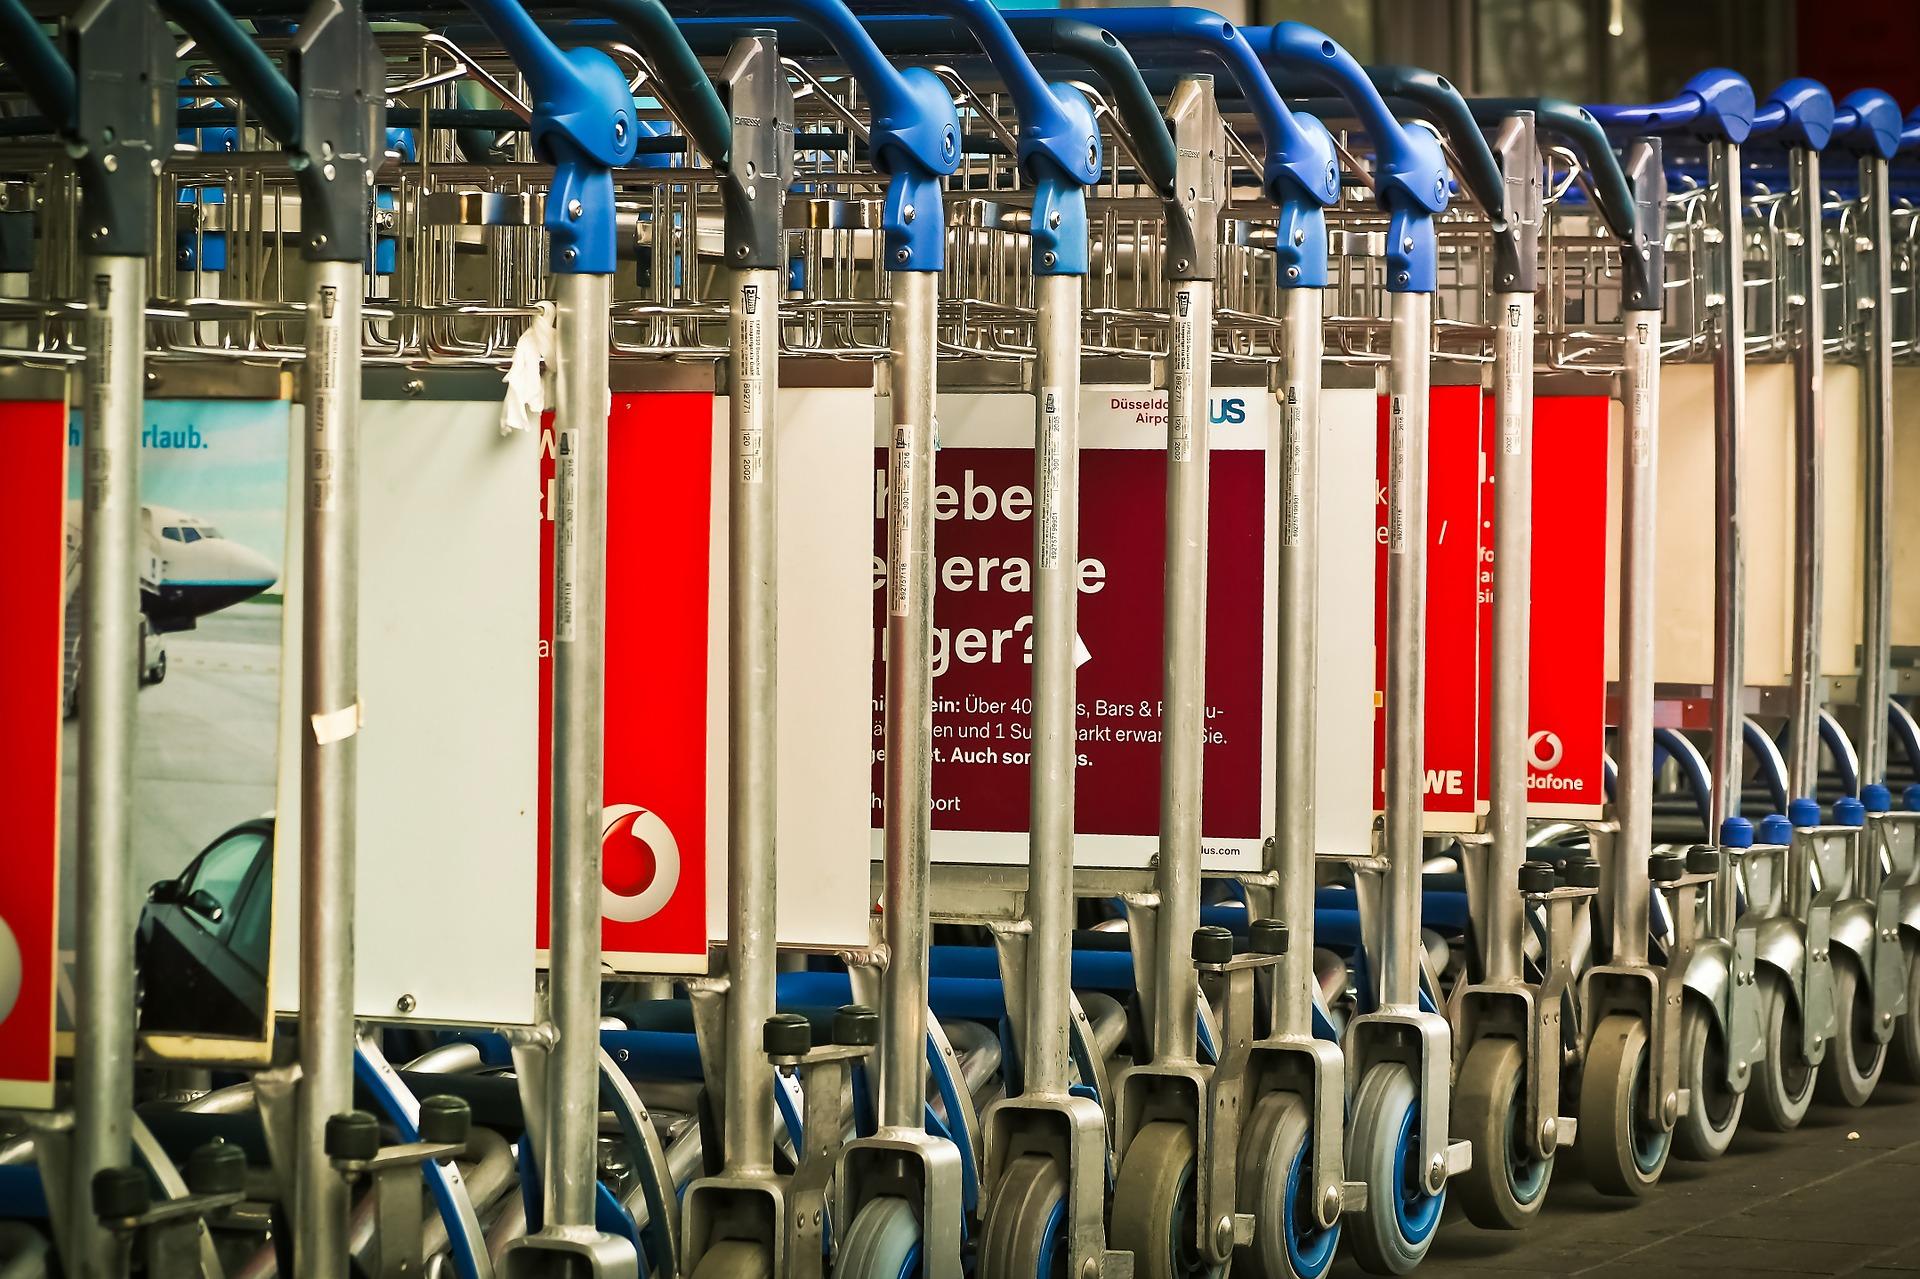 空港のカート